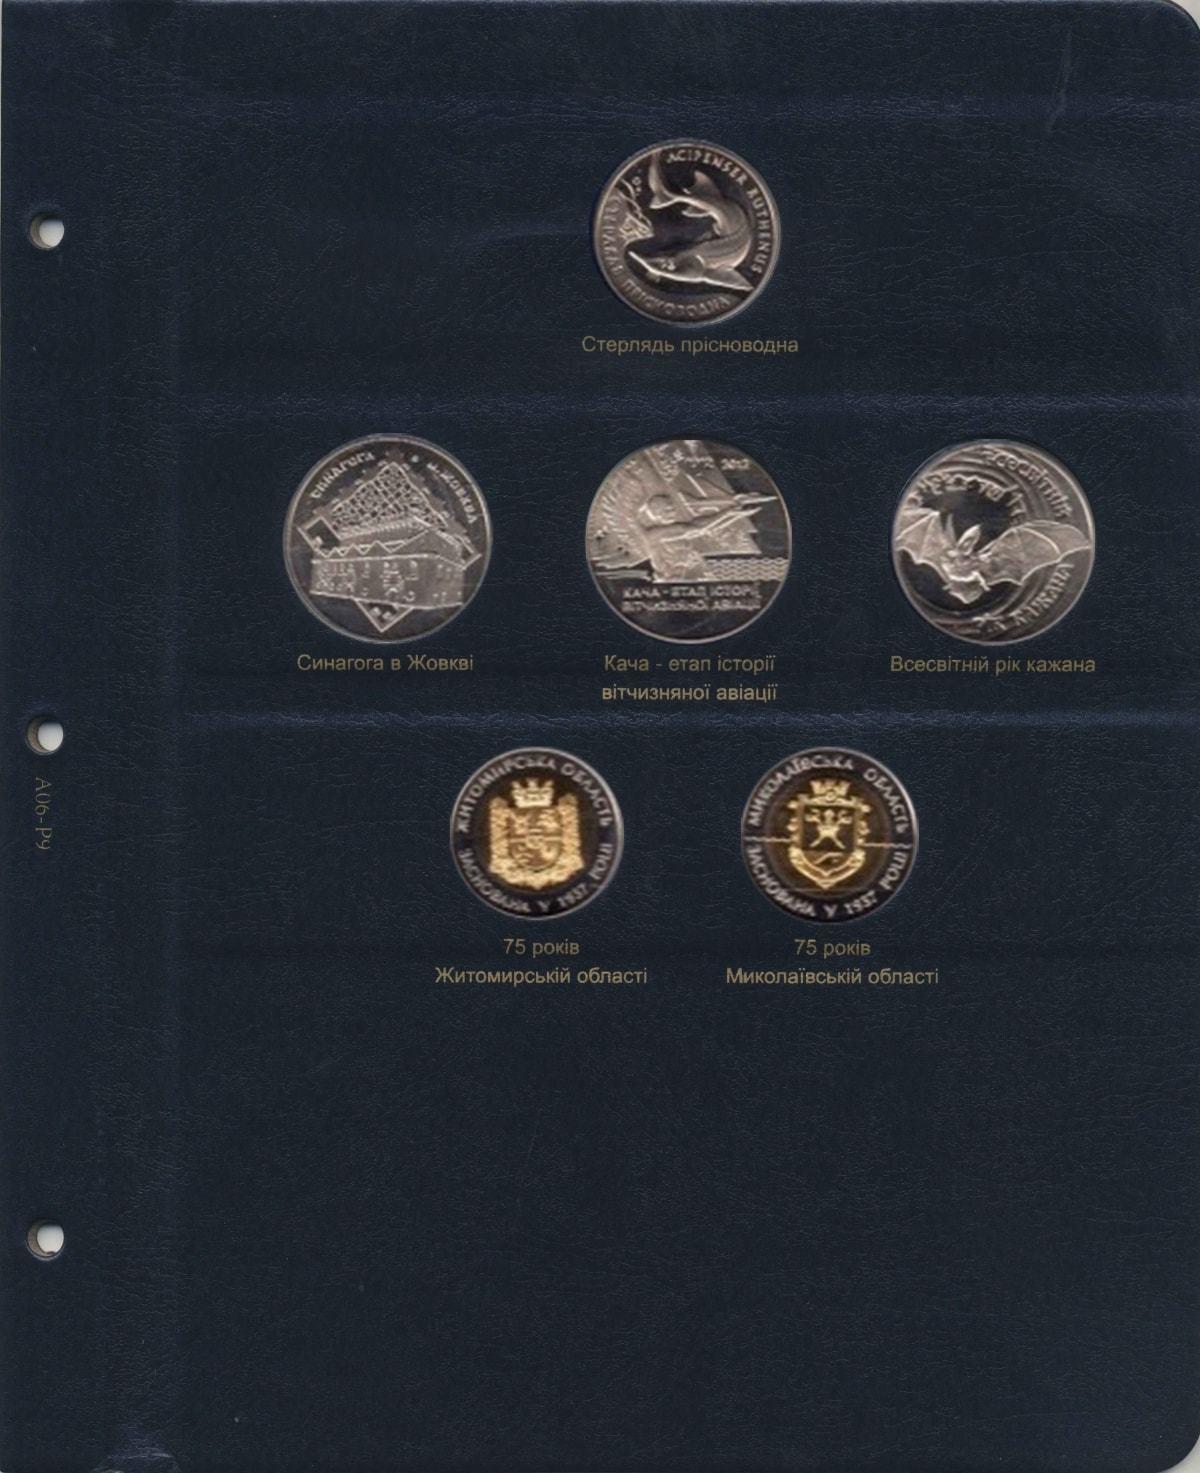 Лист №9 из альбома для юбилейных монет Украины: Том II (2006-2012 гг.) КоллекционерЪ.